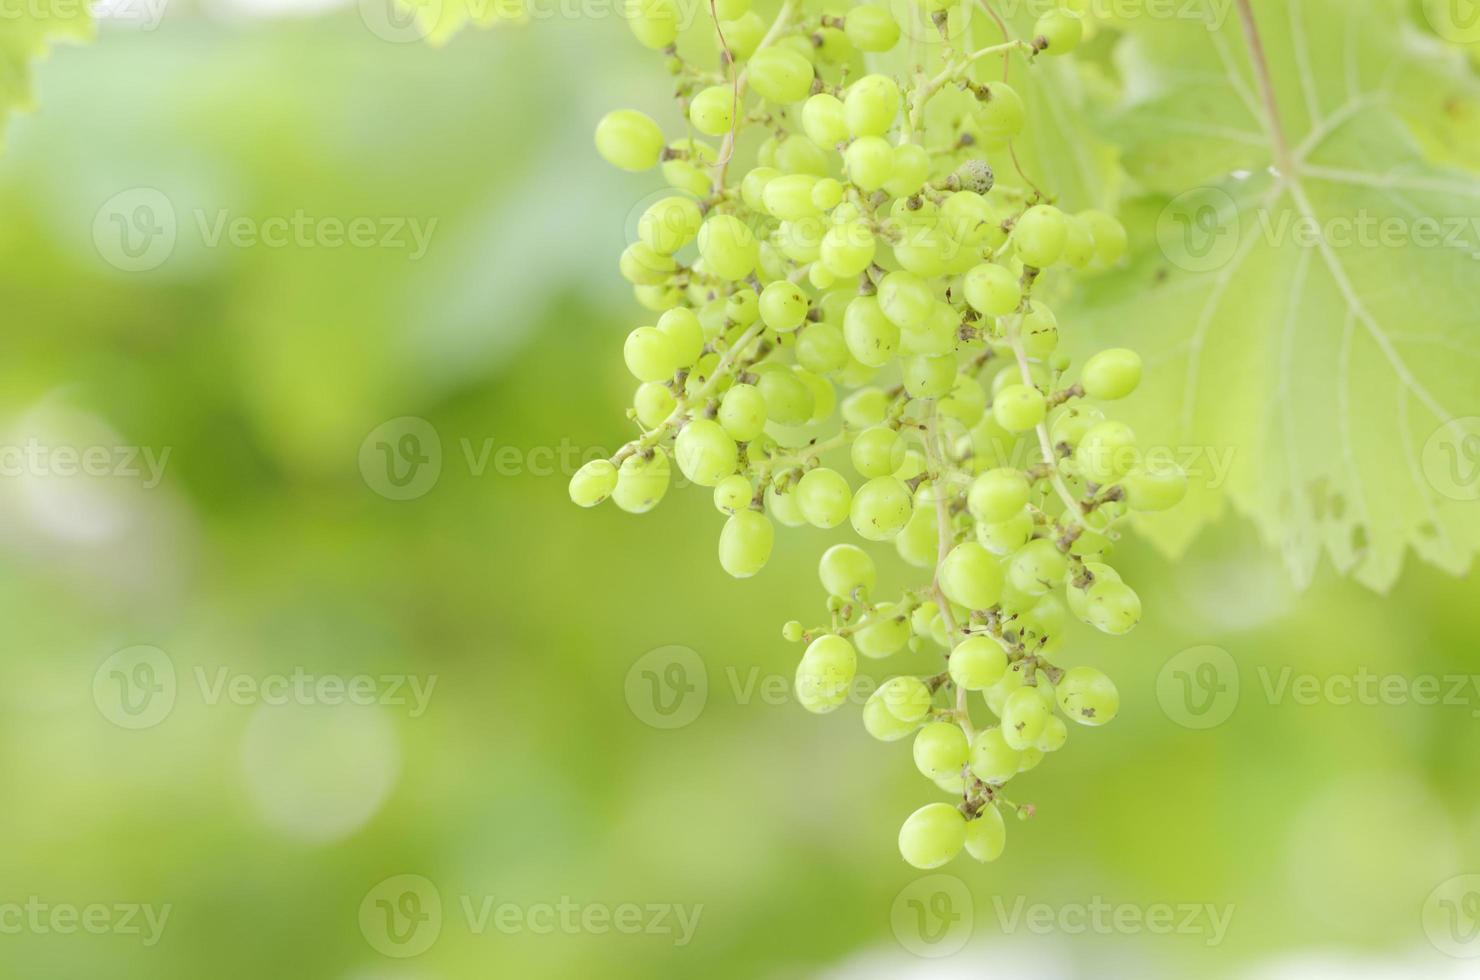 uva verde foto